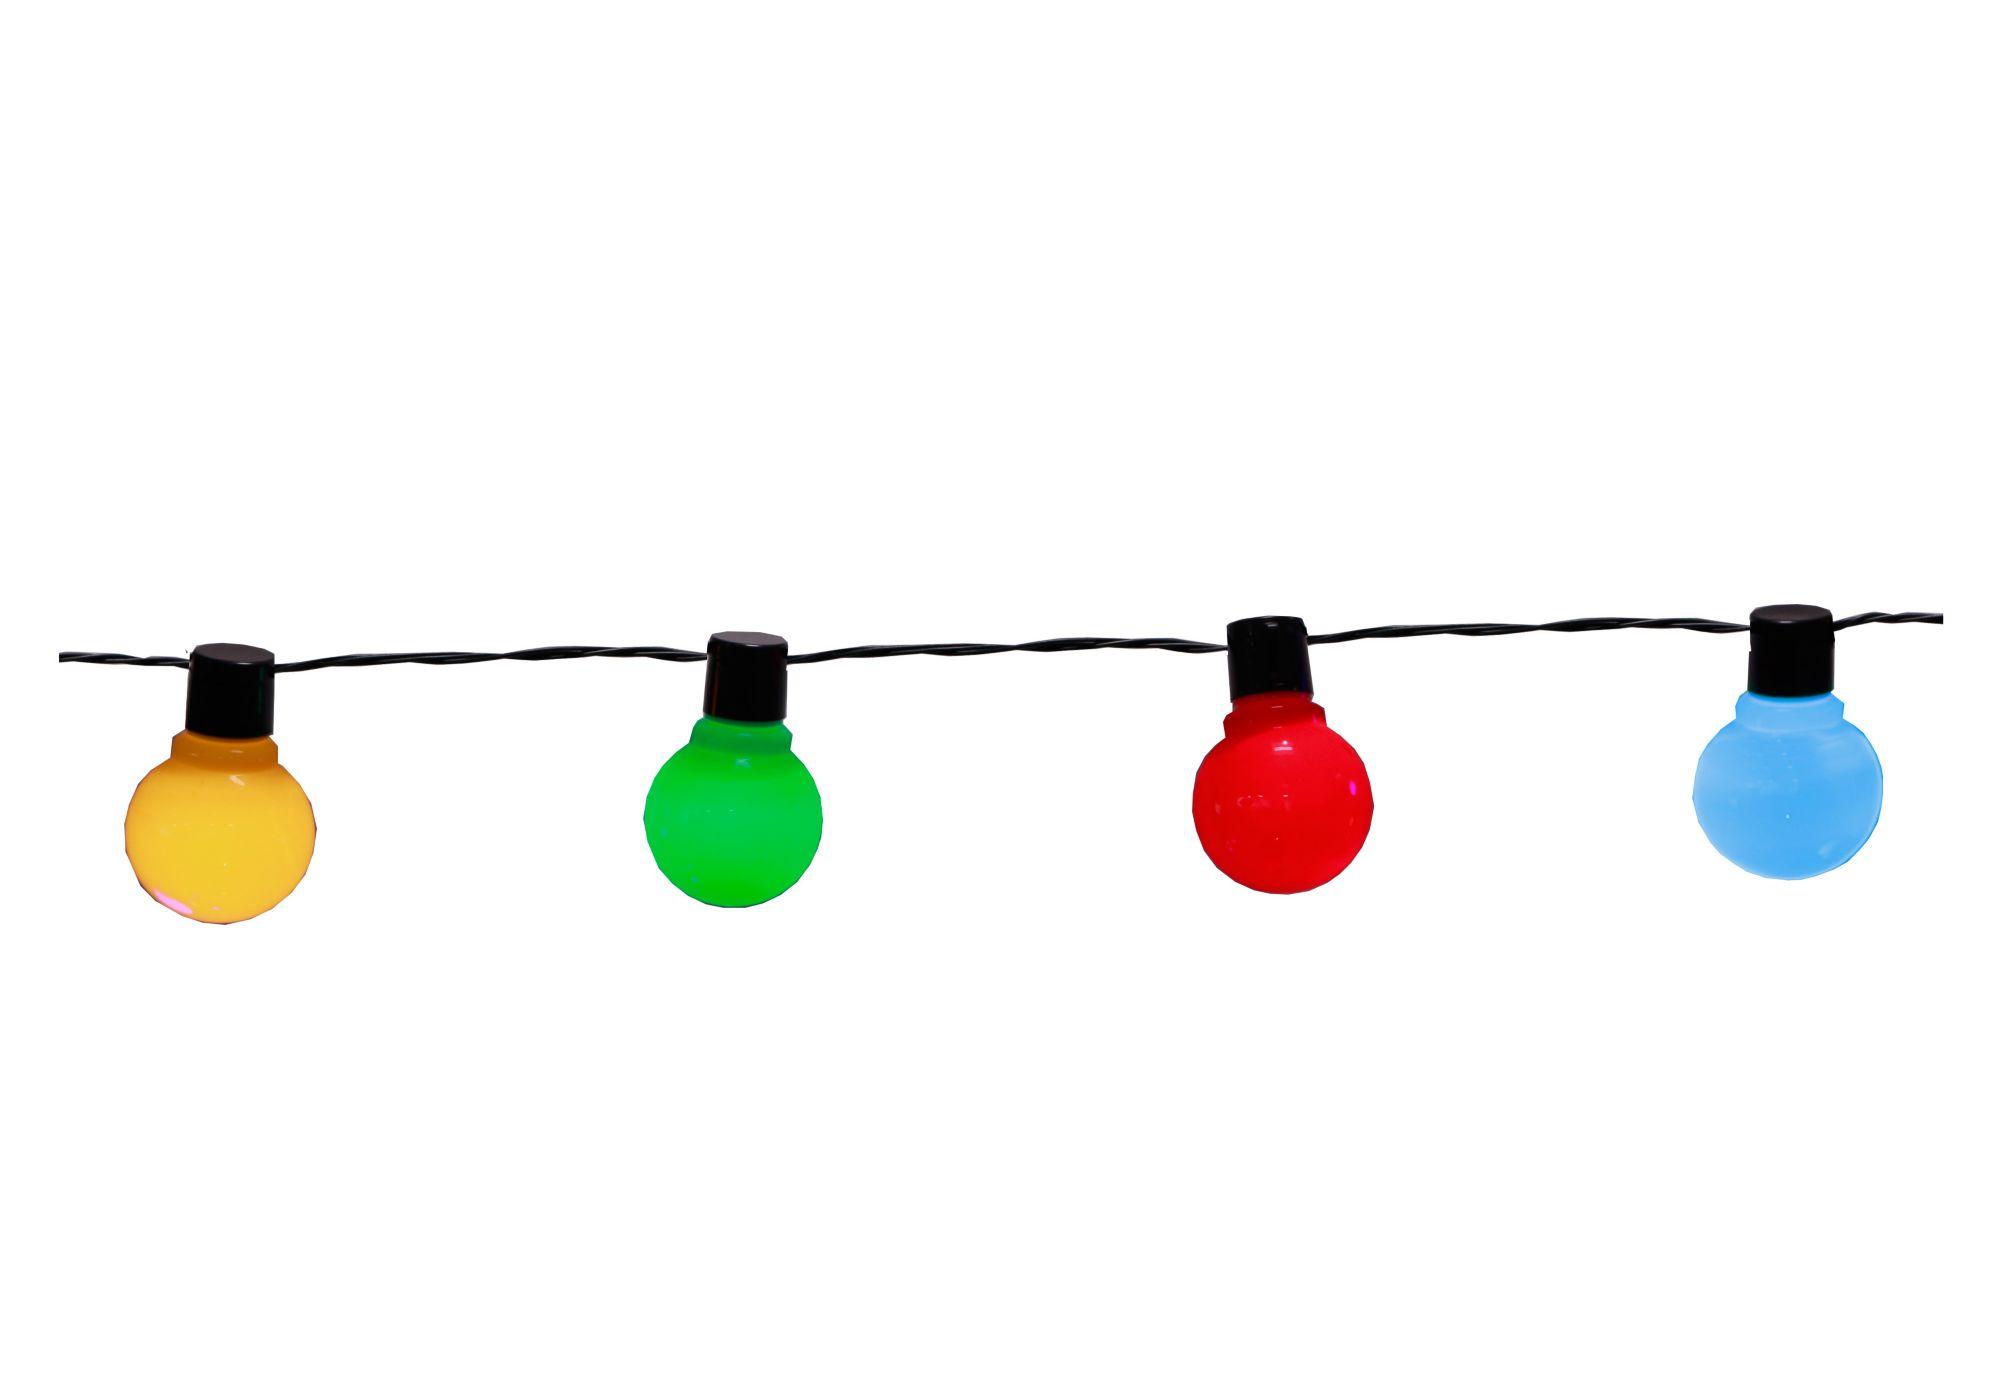 wohnzimmerlampen led: Möbel Räume Wohnzimmer Wohnzimmerlampen LED-Lichterkette (16-flg